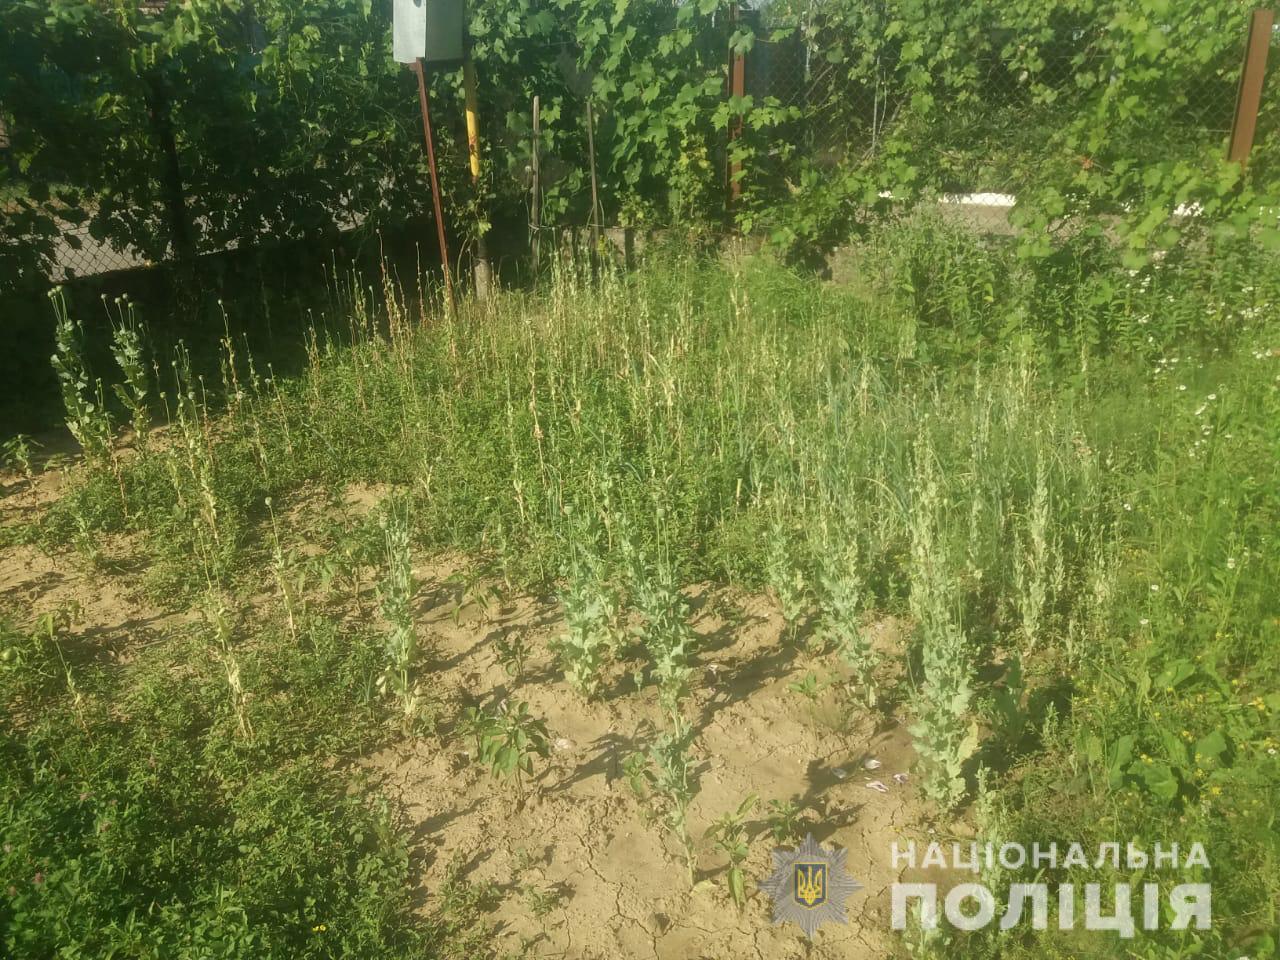 У Мукачівському та Рахівському районах співробітники кримінального блоку відділів поліції виявили незаконні посіви нарковмісної  рослини – снотворного  маку.